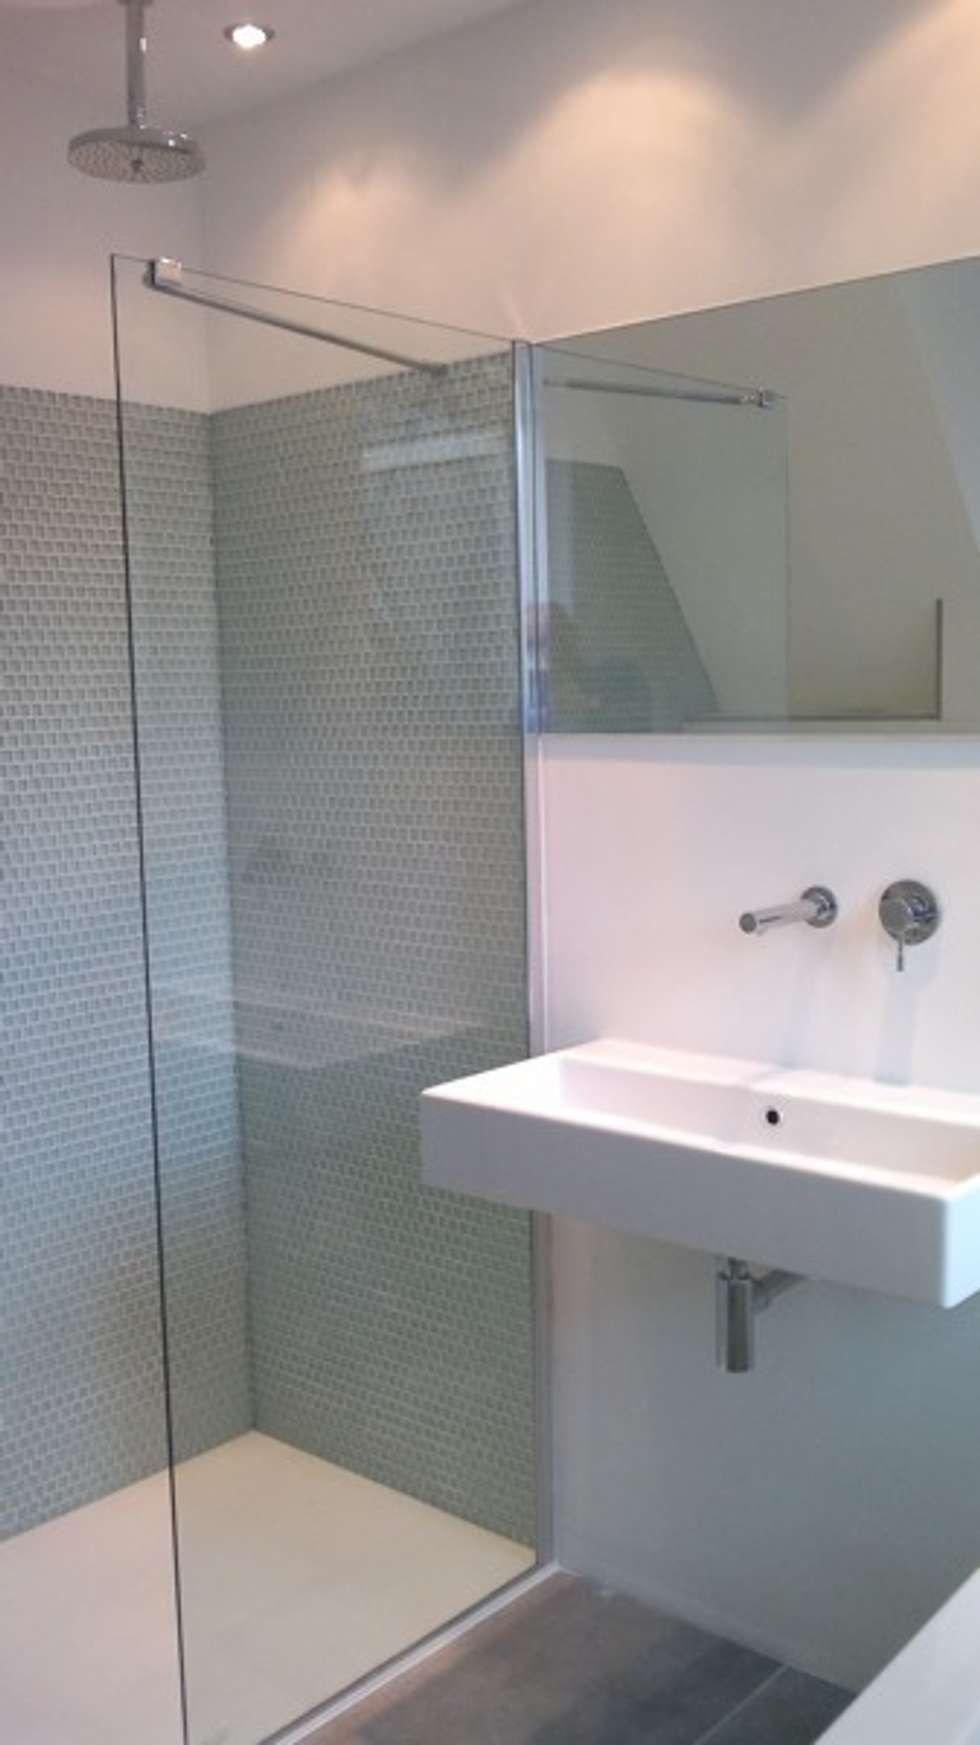 gastenbadkamer Groningen 1: moderne Badkamer door Badexclusief